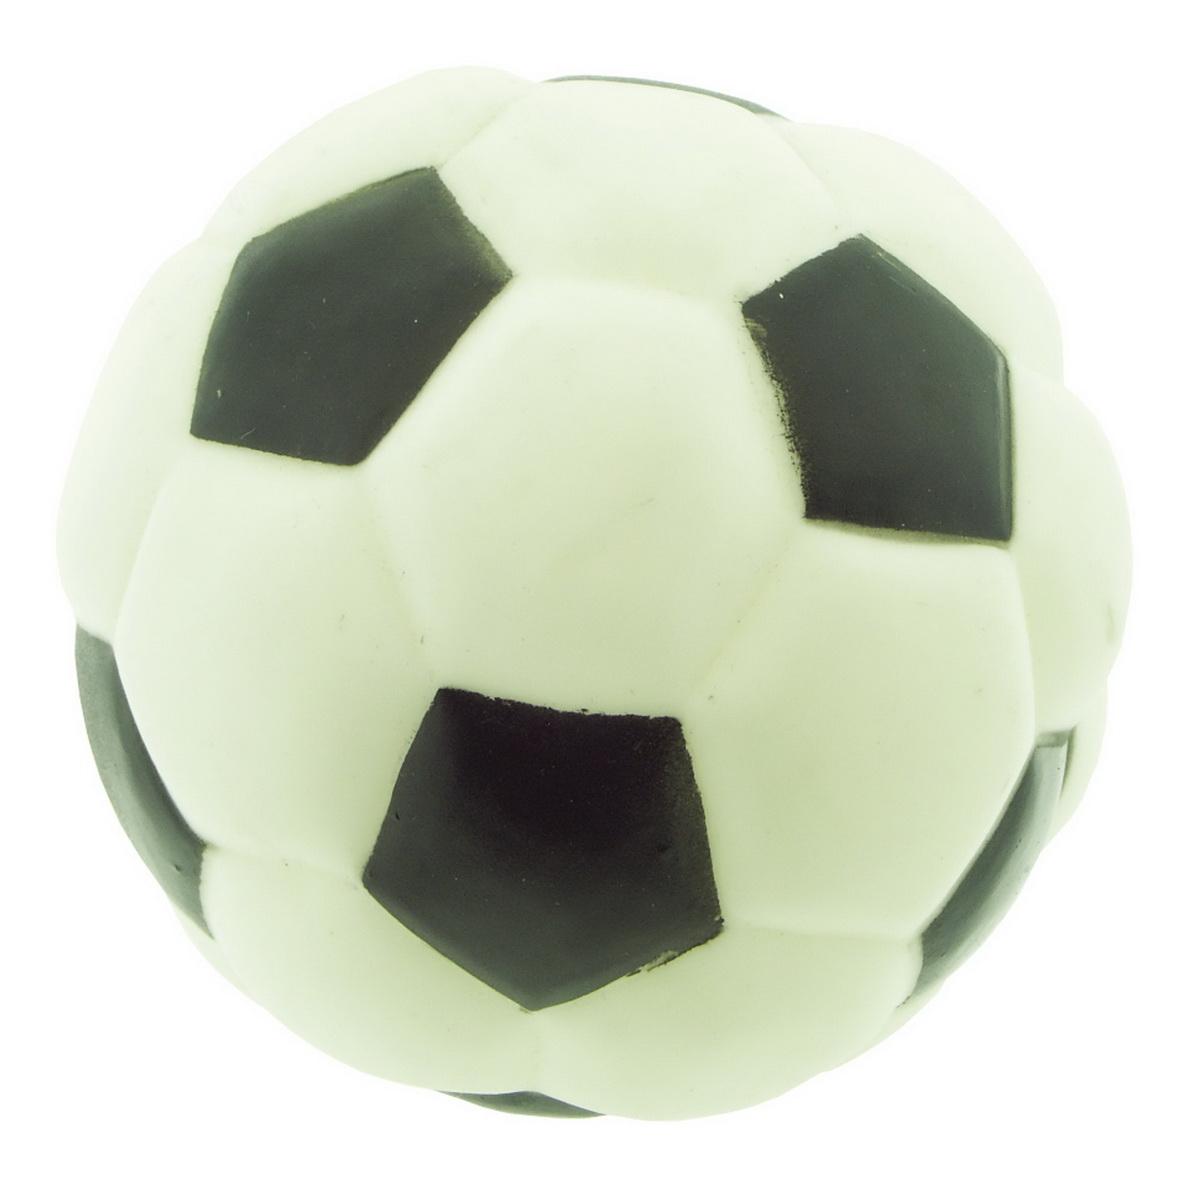 Игрушка для собак Dezzie Мяч. Футбол, диаметр 10,8 см5604004Игрушка для собак Dezzie Мяч. Футбол изготовлена из винила в виде футбольного мяча. Такая игрушка практична, функциональна и совершенно безопасна для здоровья животного. Ее легко мыть и дезинфицировать. Игрушка очень легкая, поэтому собаке совсем нетрудно брать ее в пасть и переносить с места на место. Игрушка для собак Dezzie Мяч. Футбол станет прекрасным подарком для неугомонного четвероногого питомца. Диаметр мяча: 10,8 см.